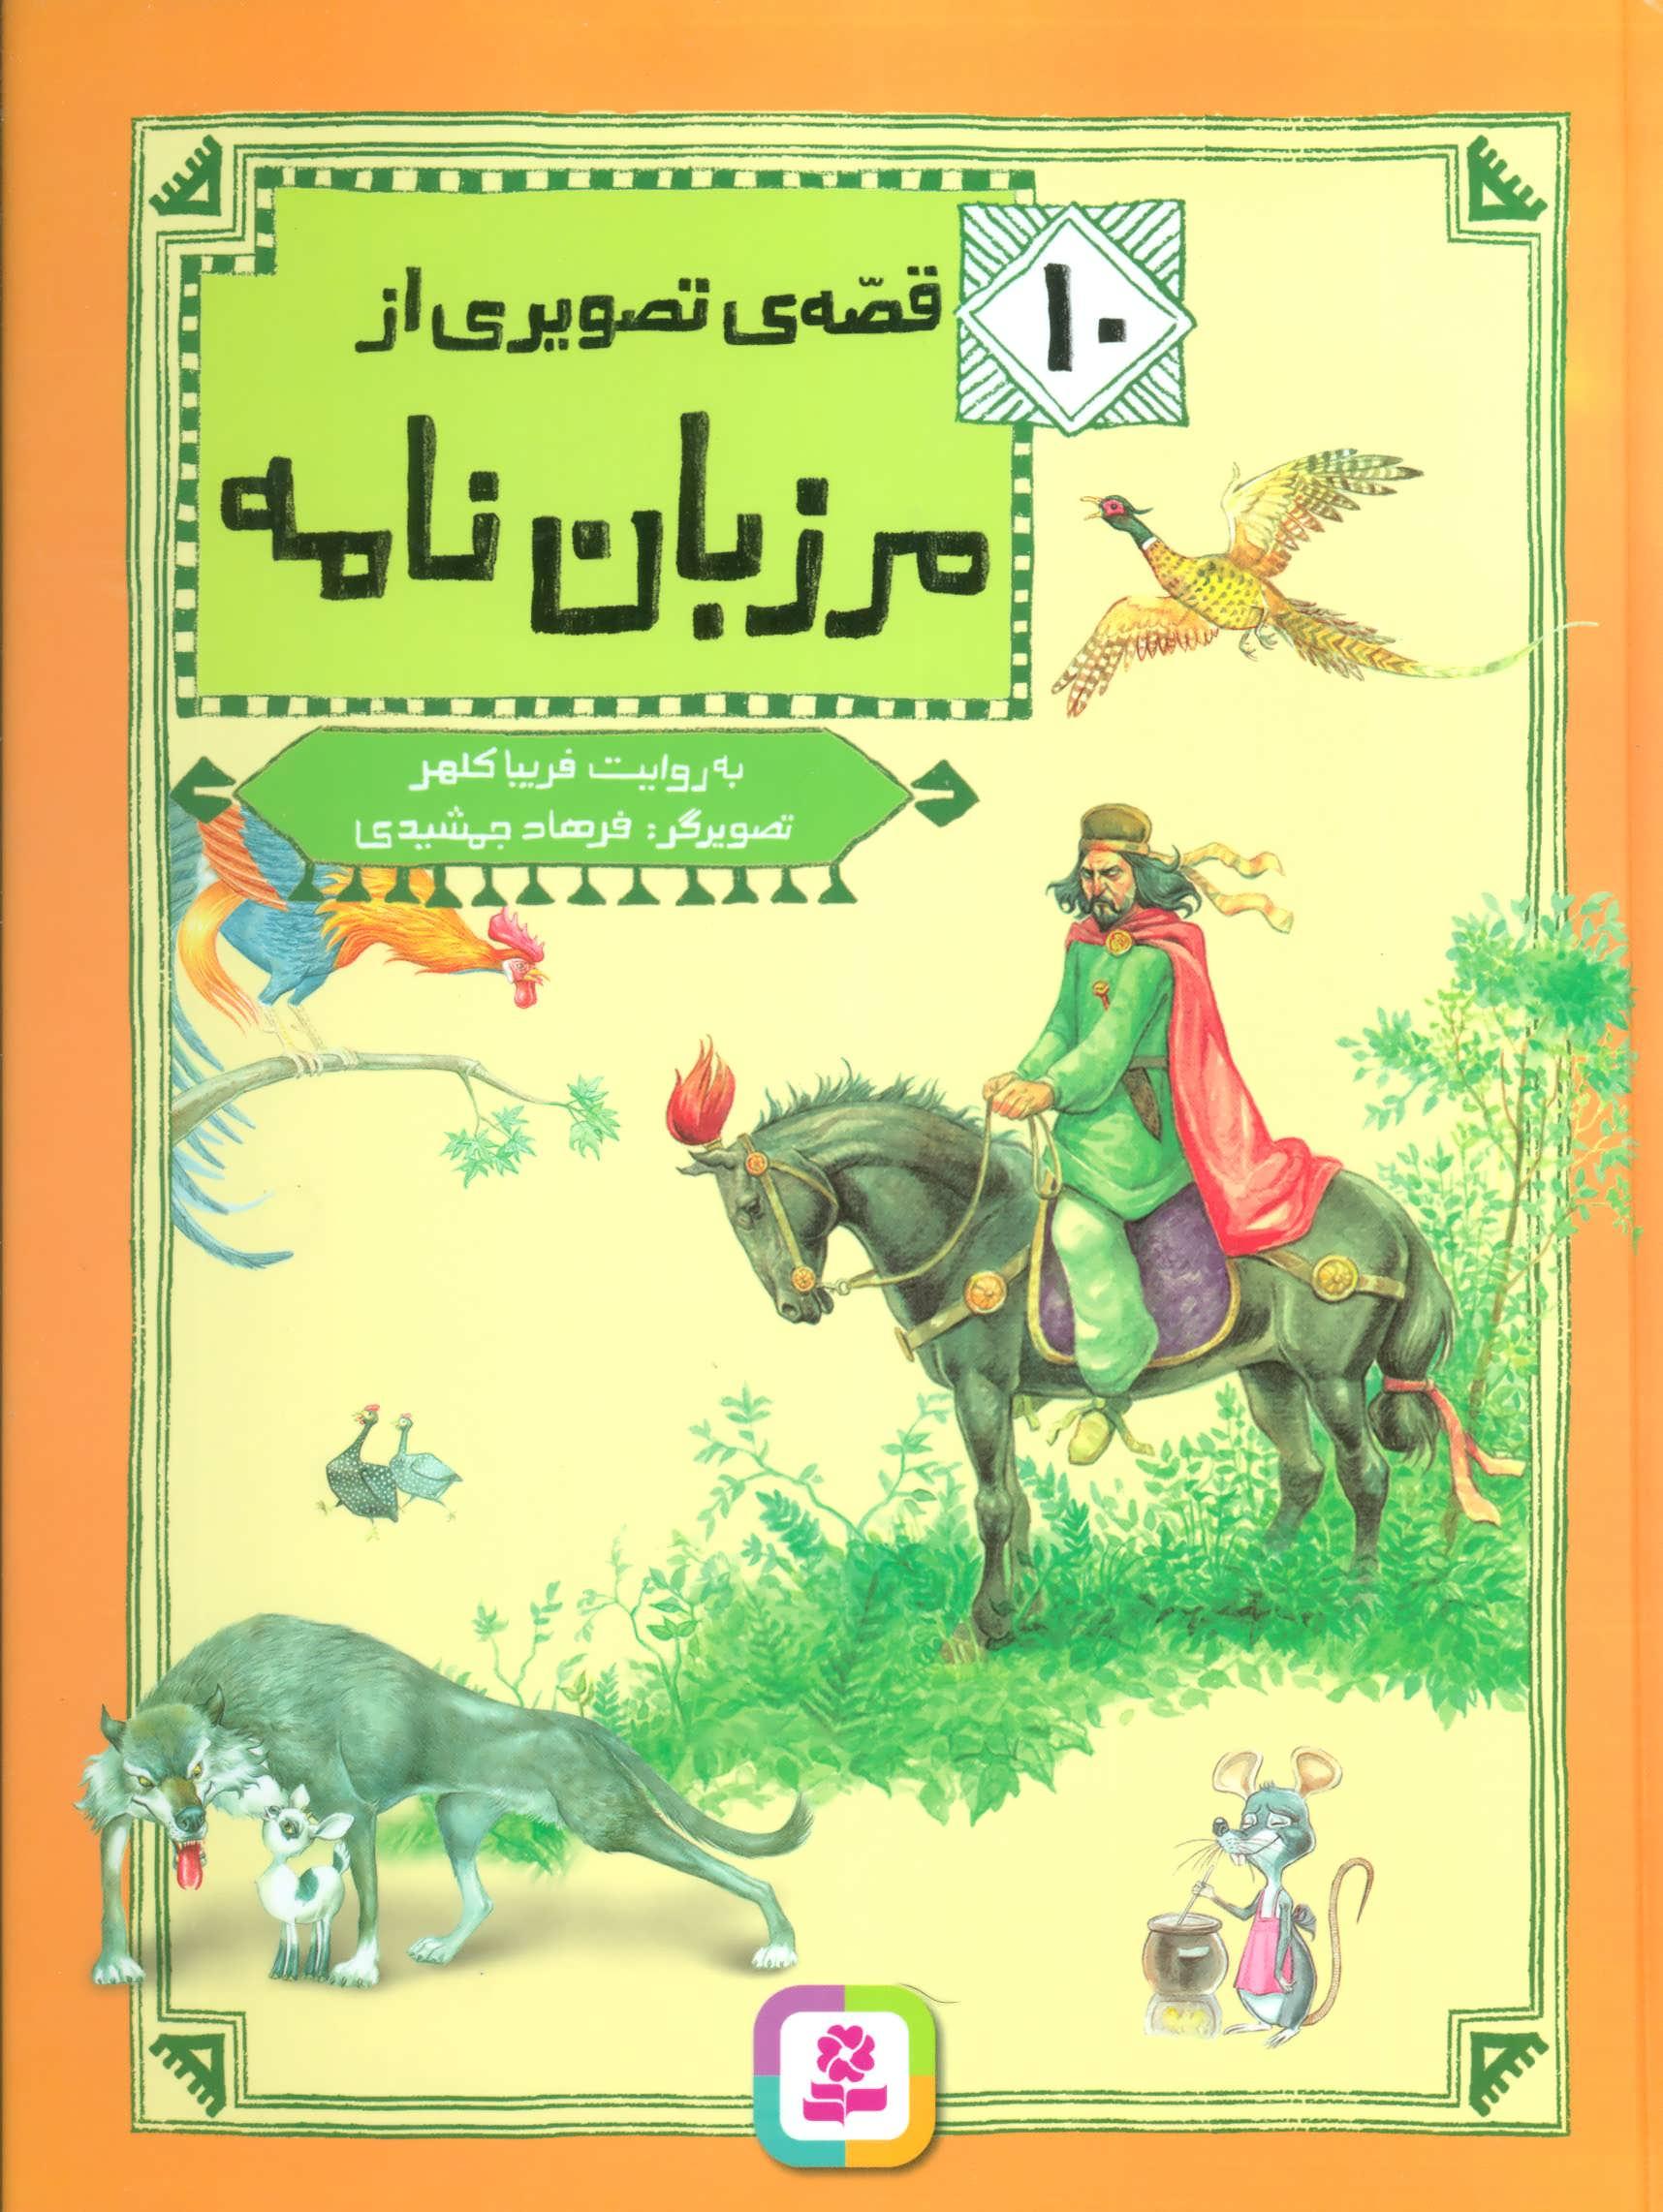 کتاب ۱۰ قصهٔ تصویری از مرزبان نامه